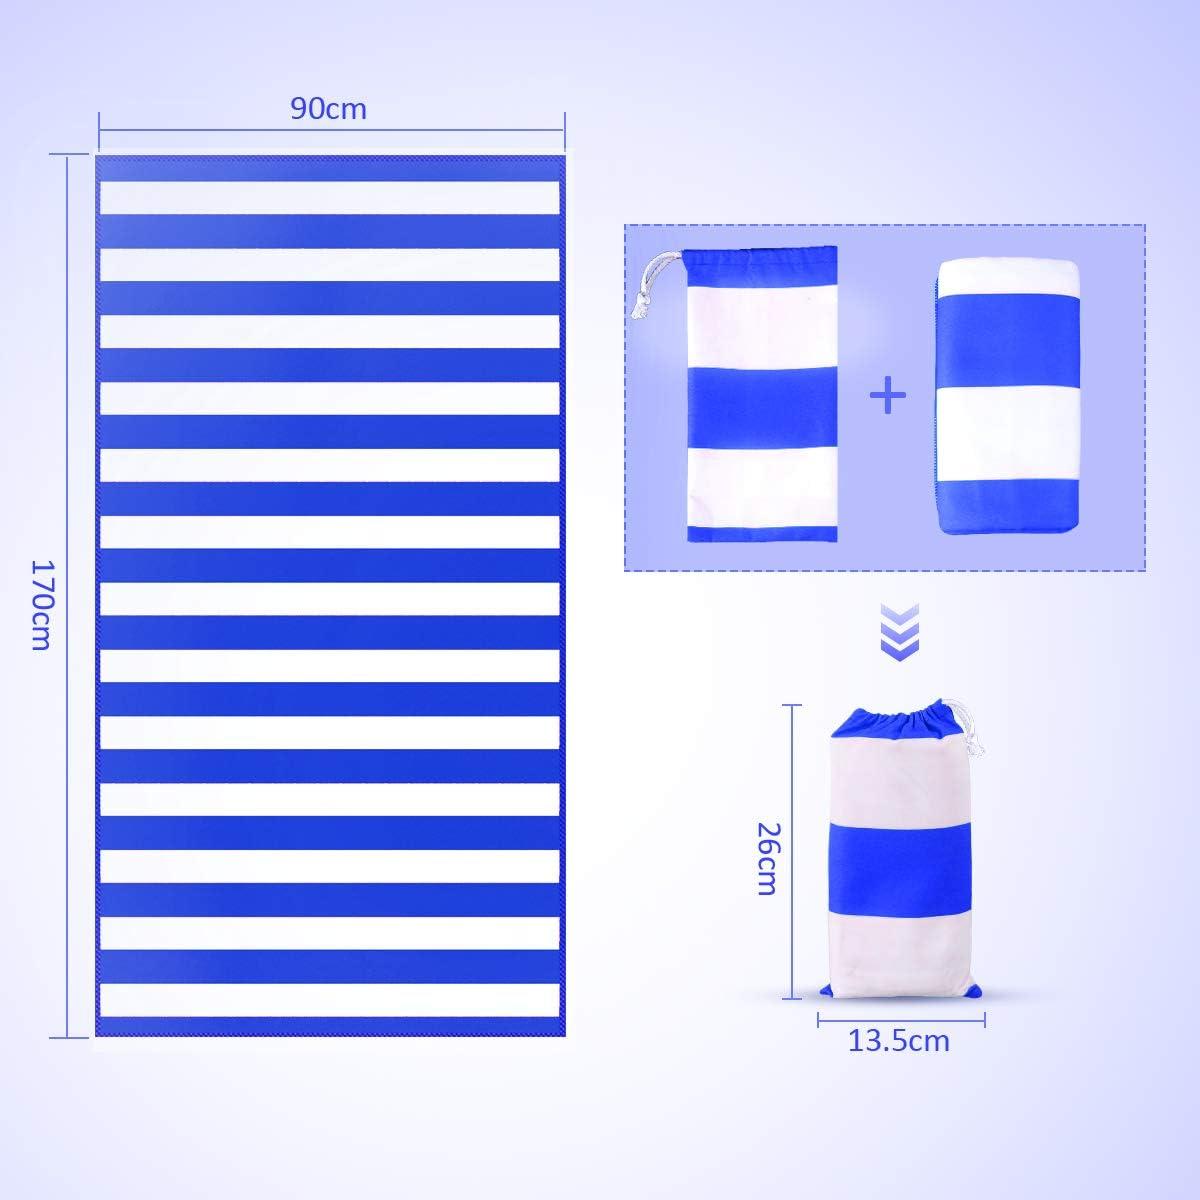 170x90cm Fitness Handtuch und Sporthandtuch inkl Tasche. Ultra leicht /& Schnelltrocknend Reisehandtuch Microfibre Gym Towel Strand /& Sport T-SUN Mikrofaser Handt/ücher Blue